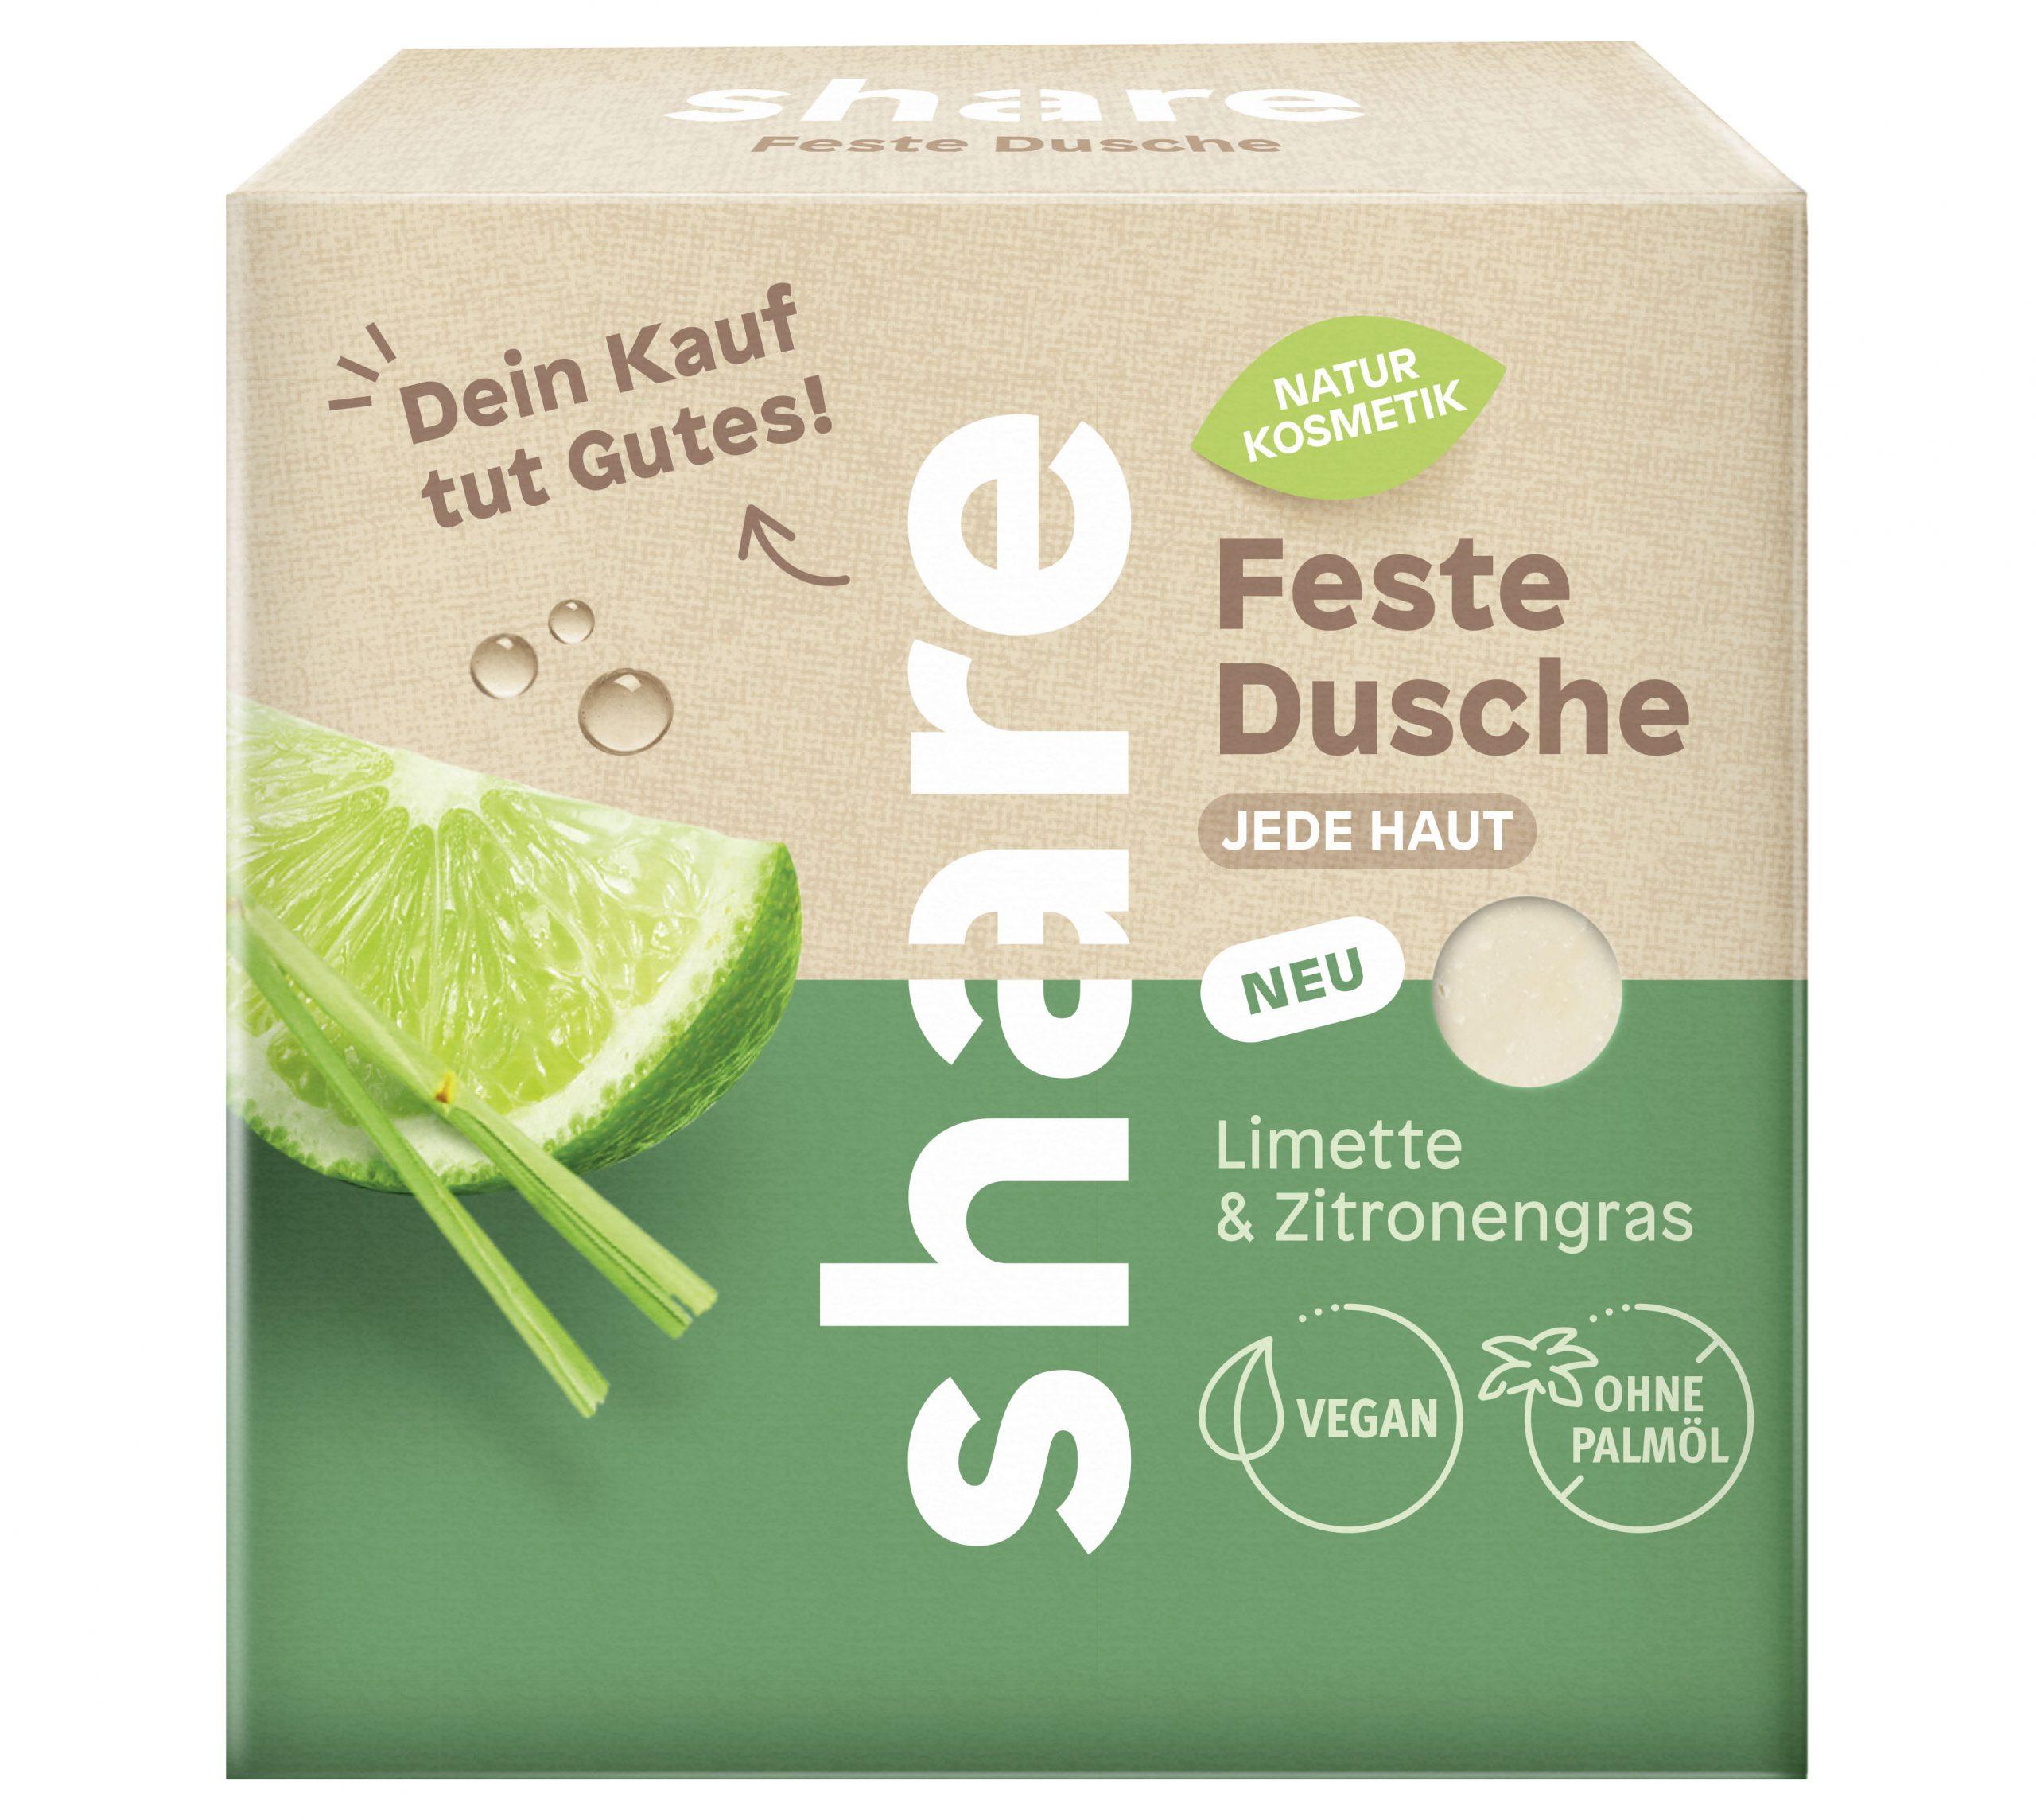 share_Feste_Dusche.jpg